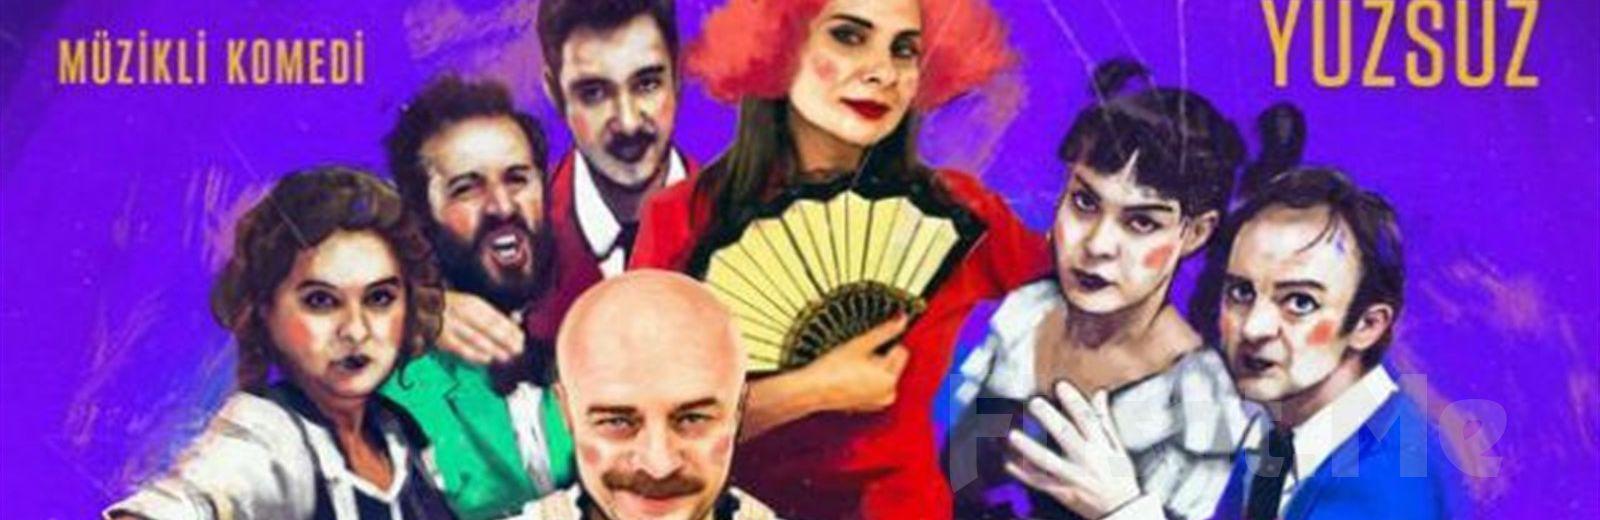 Emrah Eren'in Yenilikçi Yorumuyla Moliere'in Muhteşem Eseri 'Tartuffe' Tiyatro Oyunu Bileti